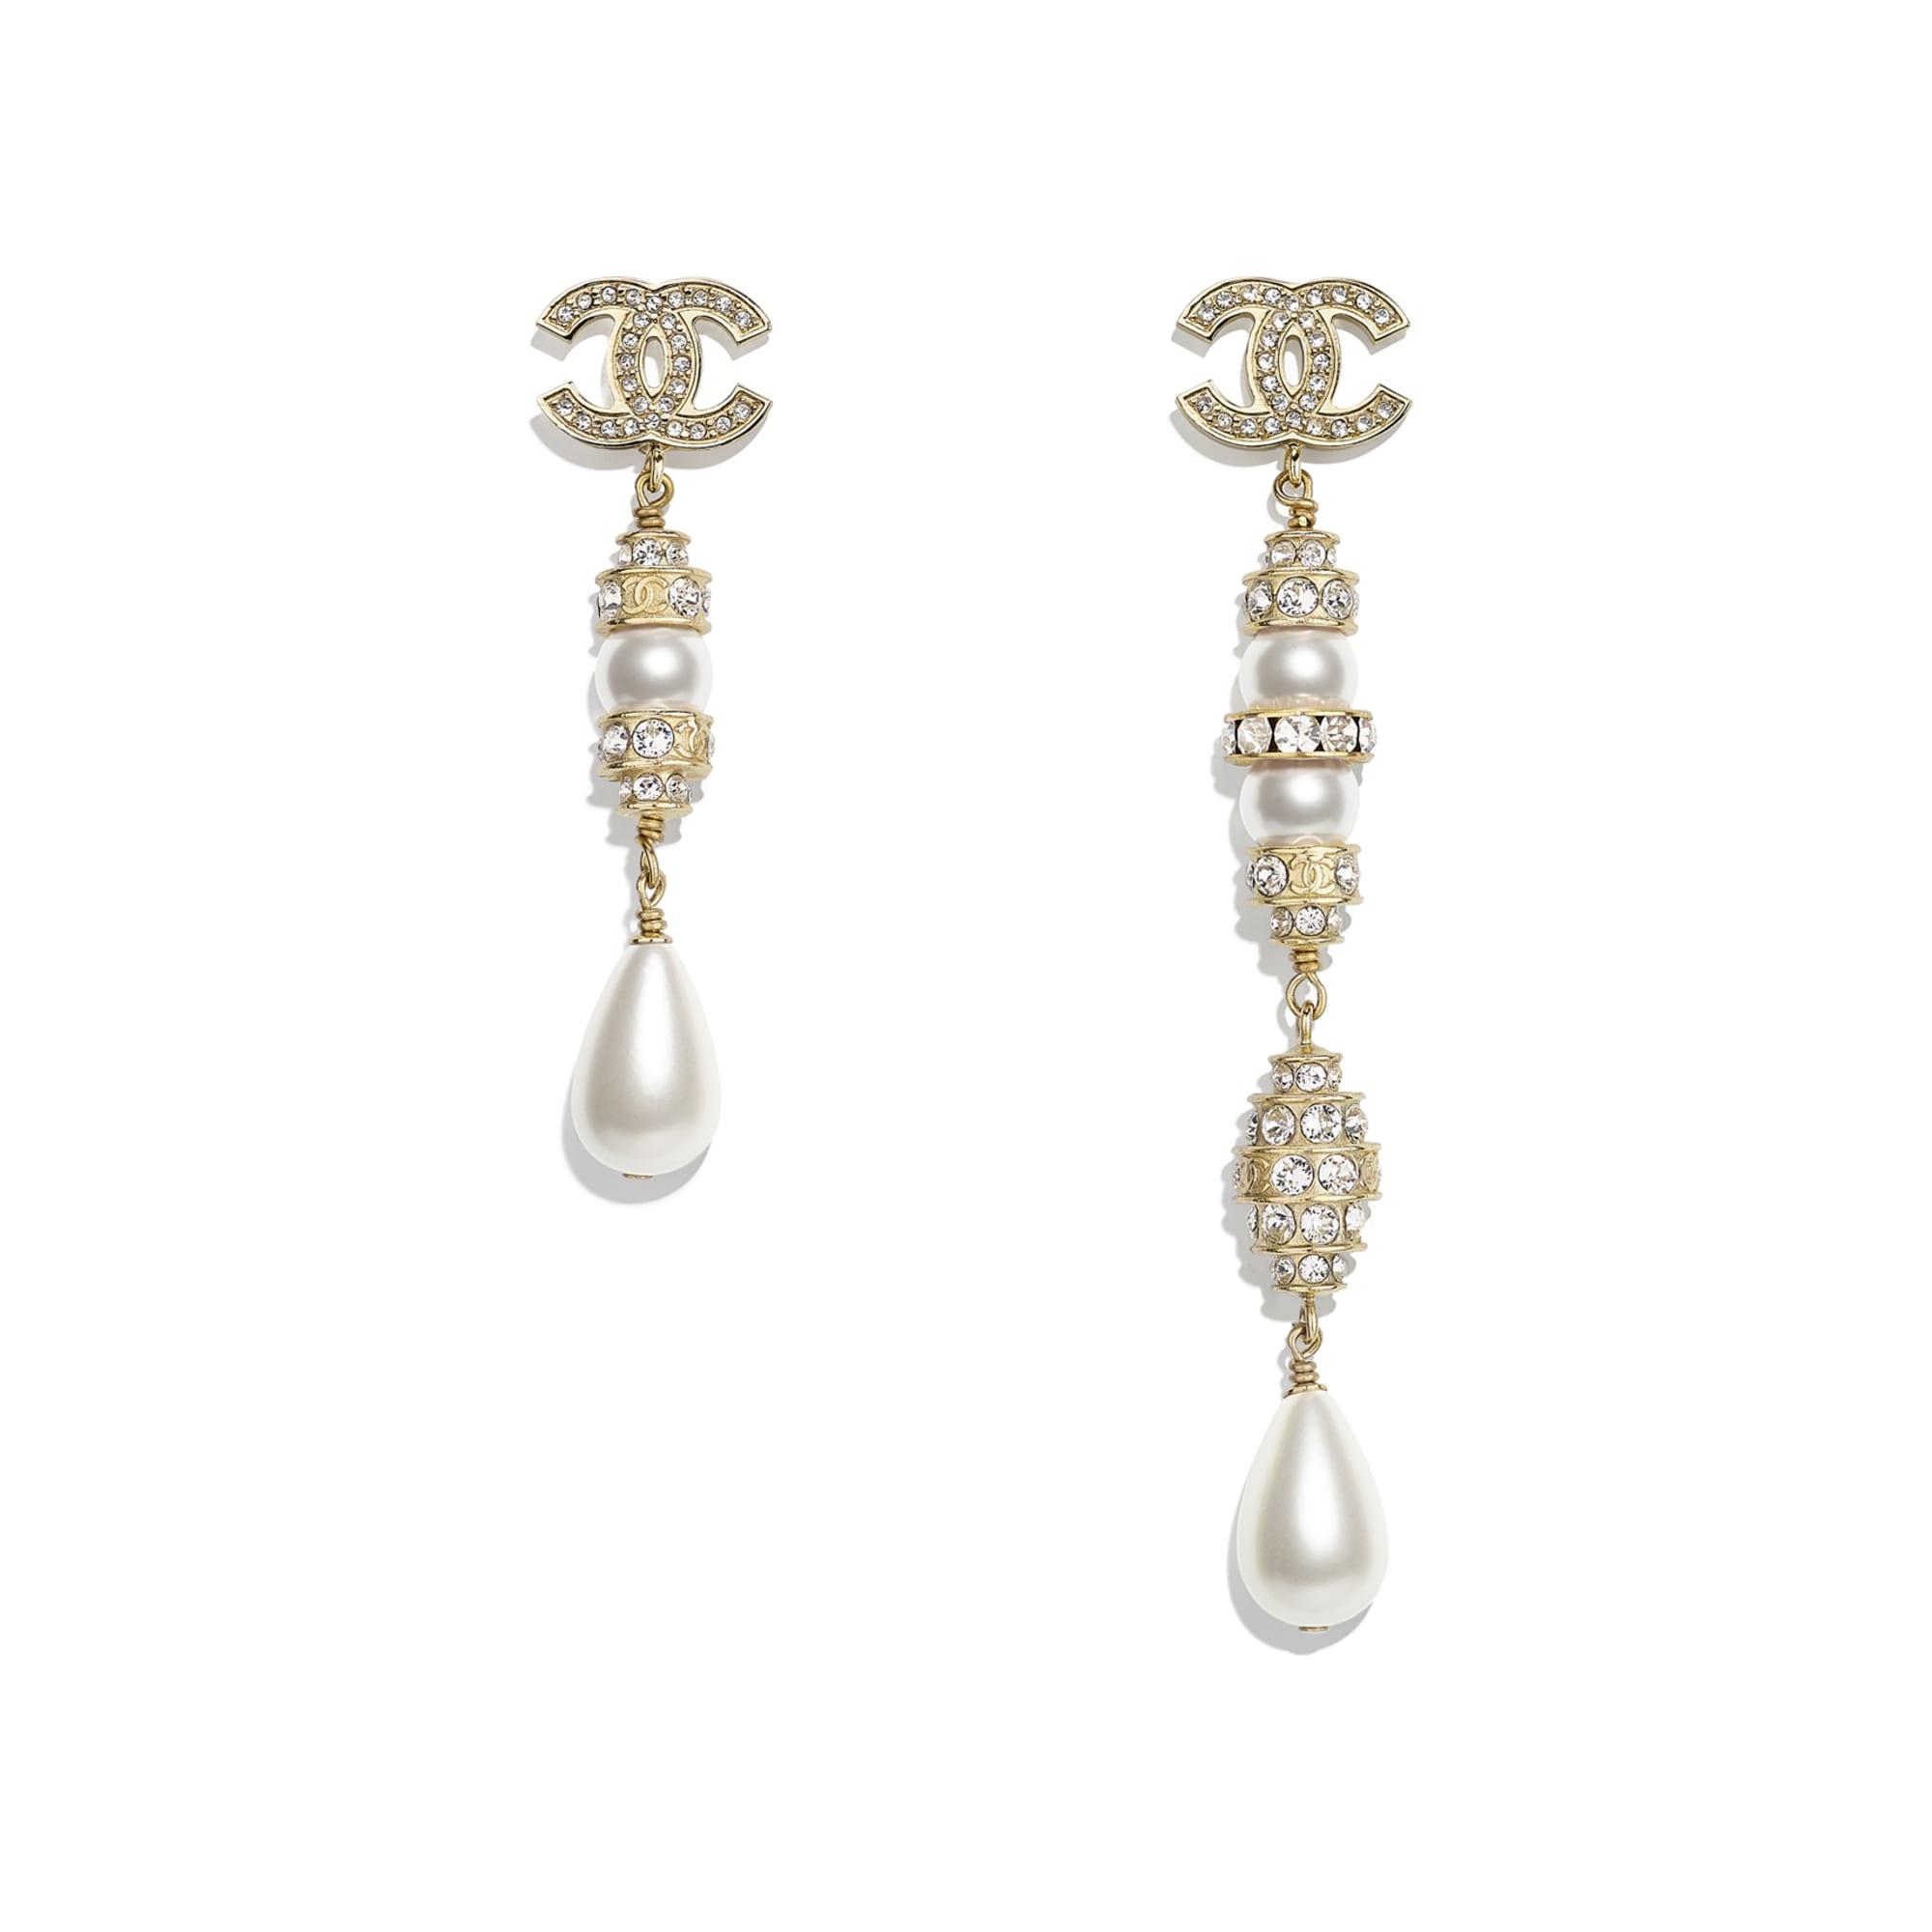 耳環 - 金、珍珠白與水晶 - 金屬、琉璃珠、人造珍珠及水鑽 - CHANEL - 預設視圖 - 查看標準尺寸版本